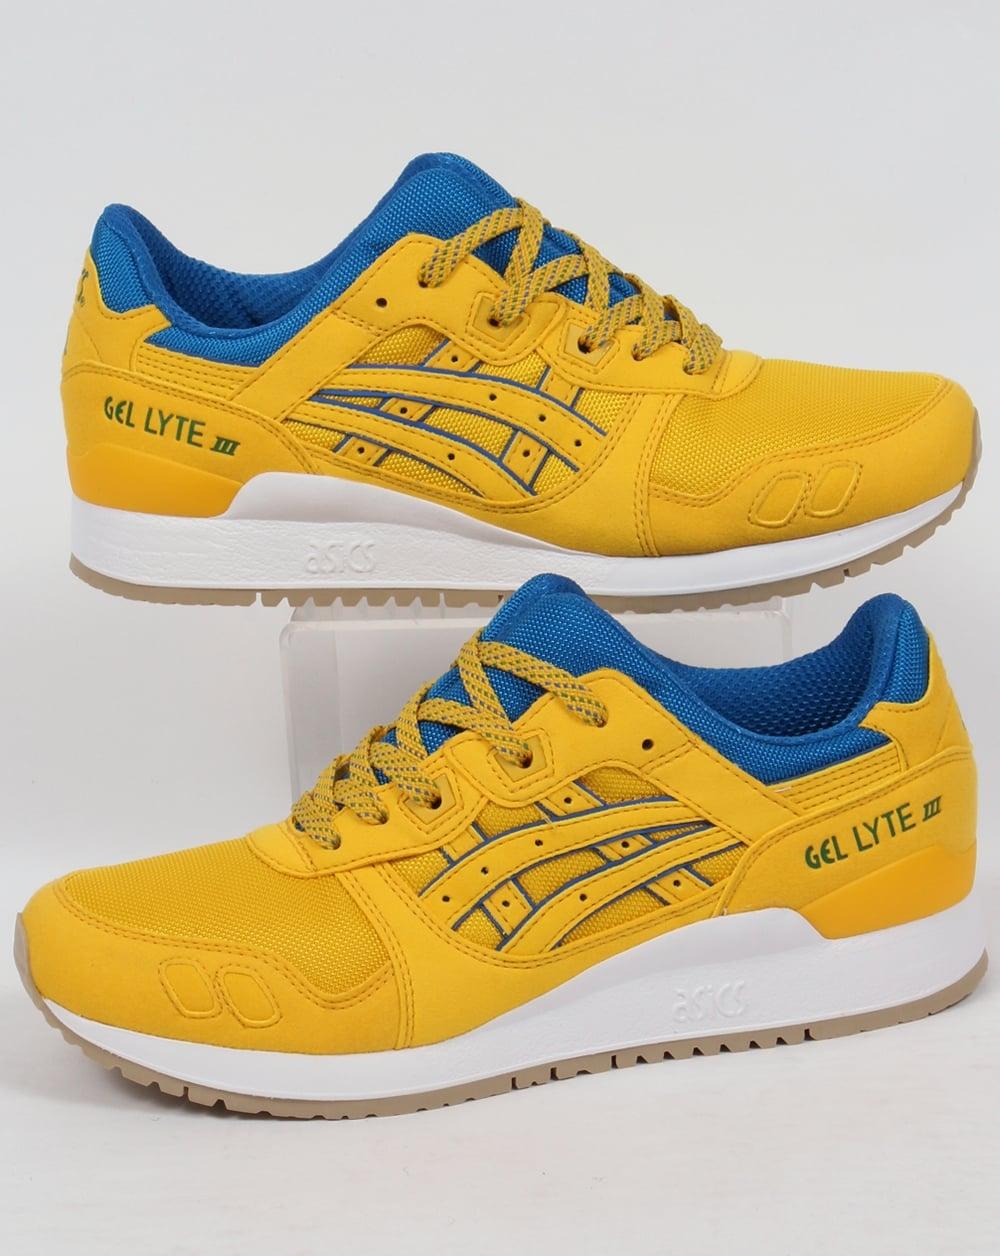 Buy asics gel lyte iii yellow \u003e Up to